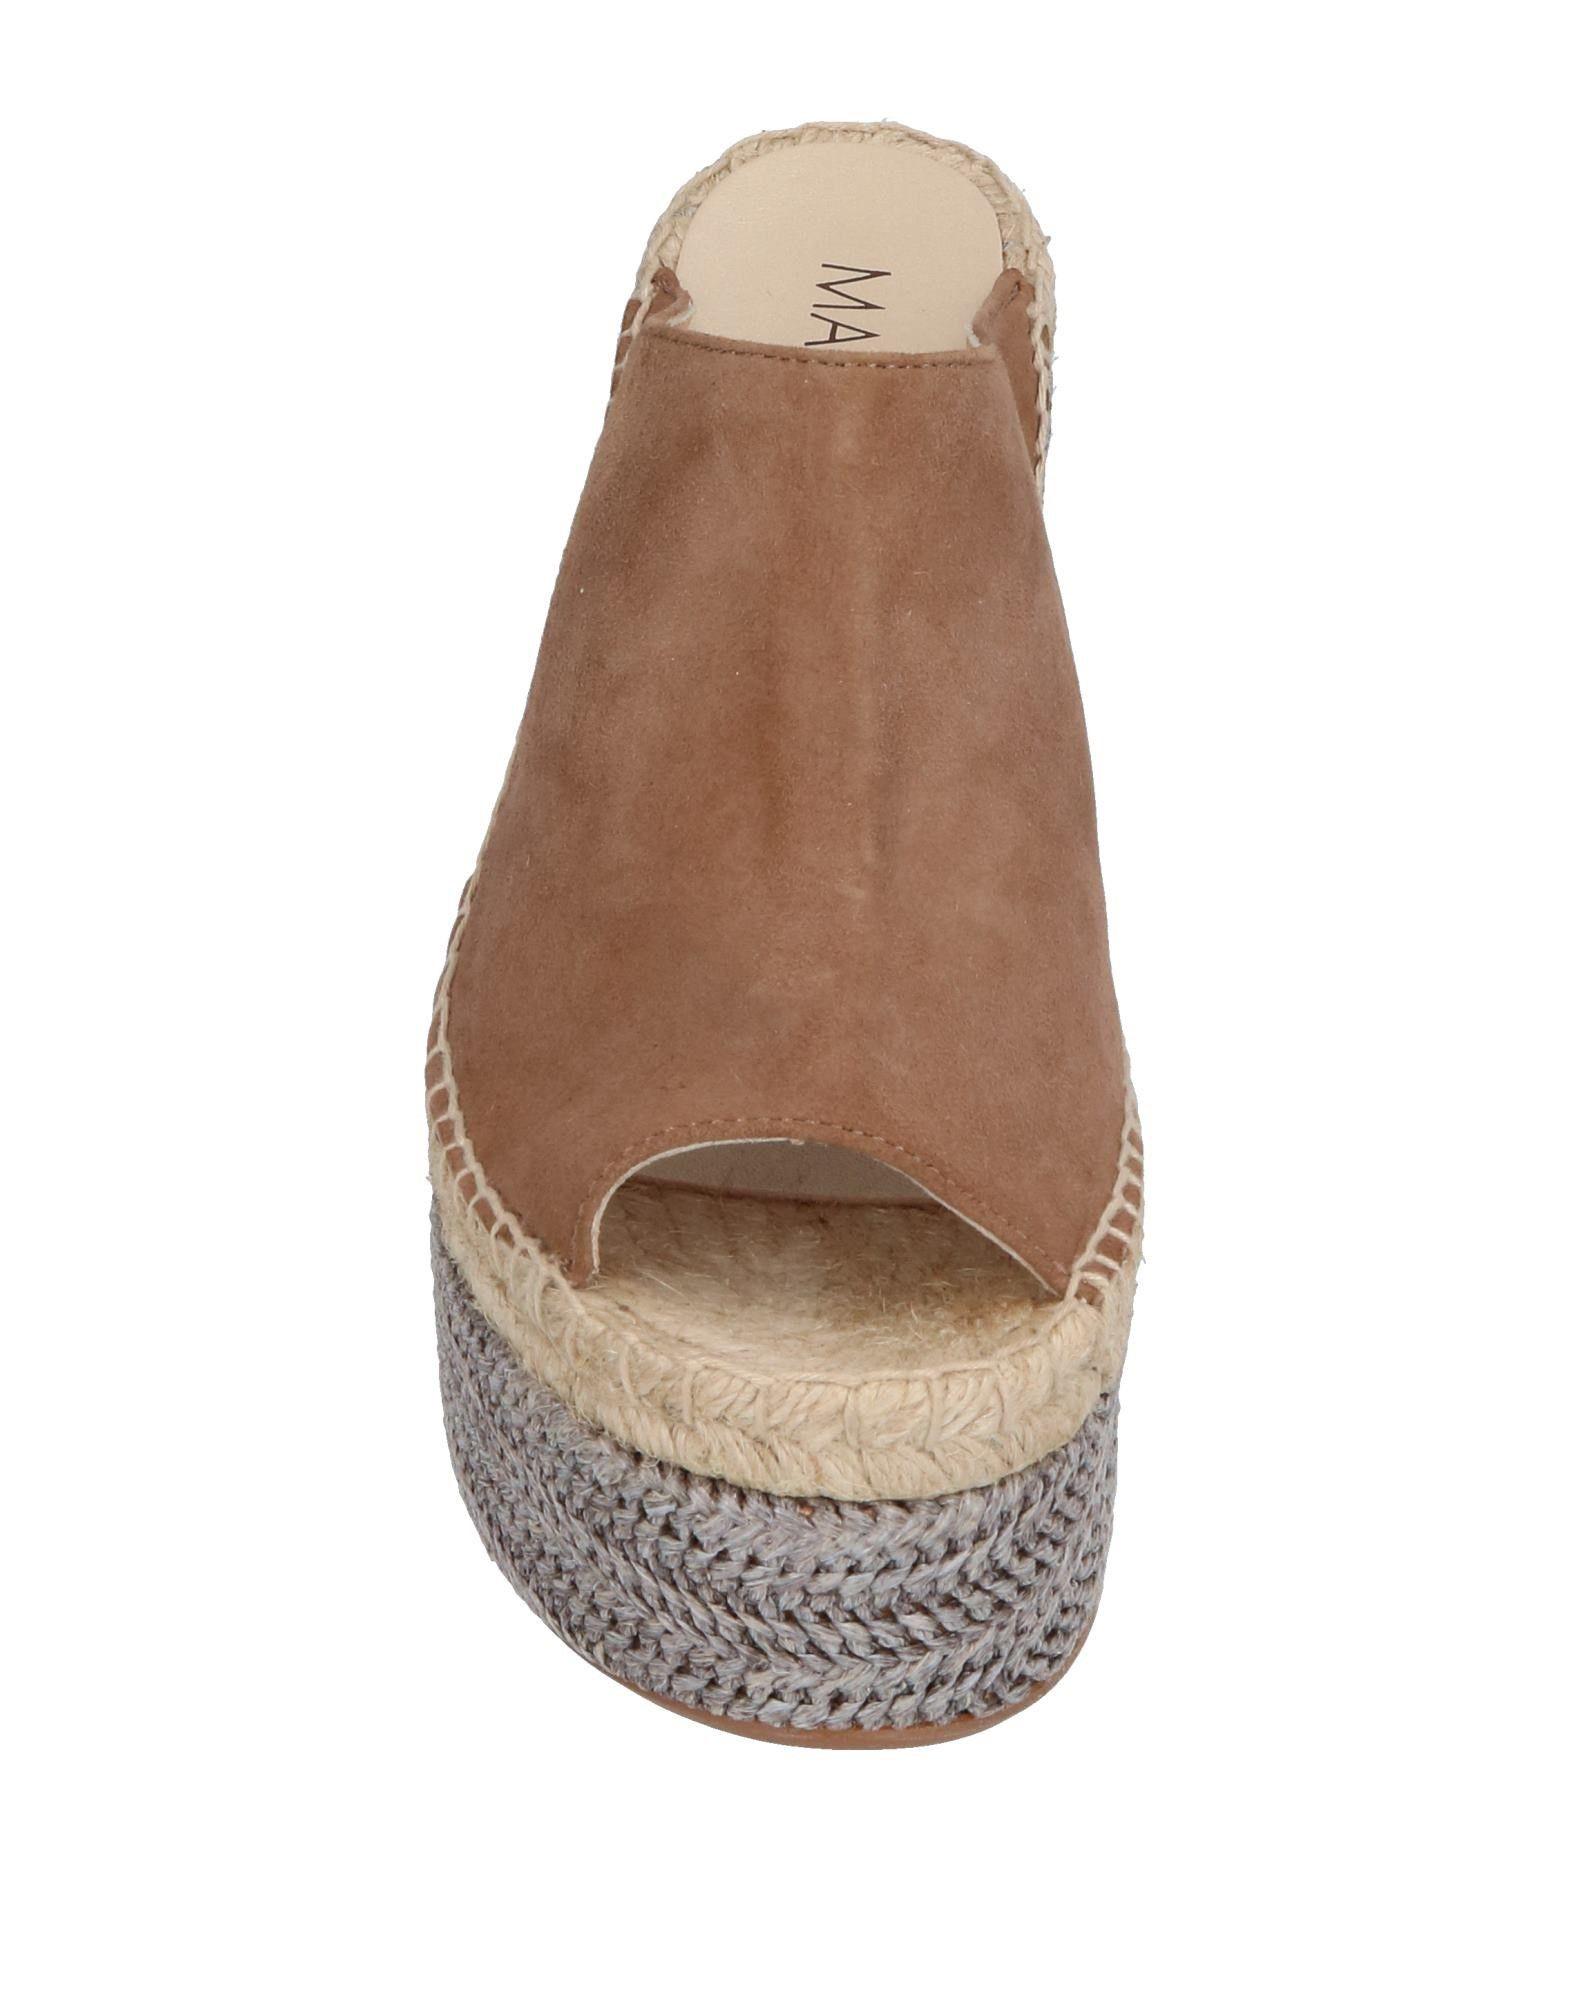 Marcela Yil Sandalen Schuhe Damen  11411634MM Gute Qualität beliebte Schuhe Sandalen 5277fa